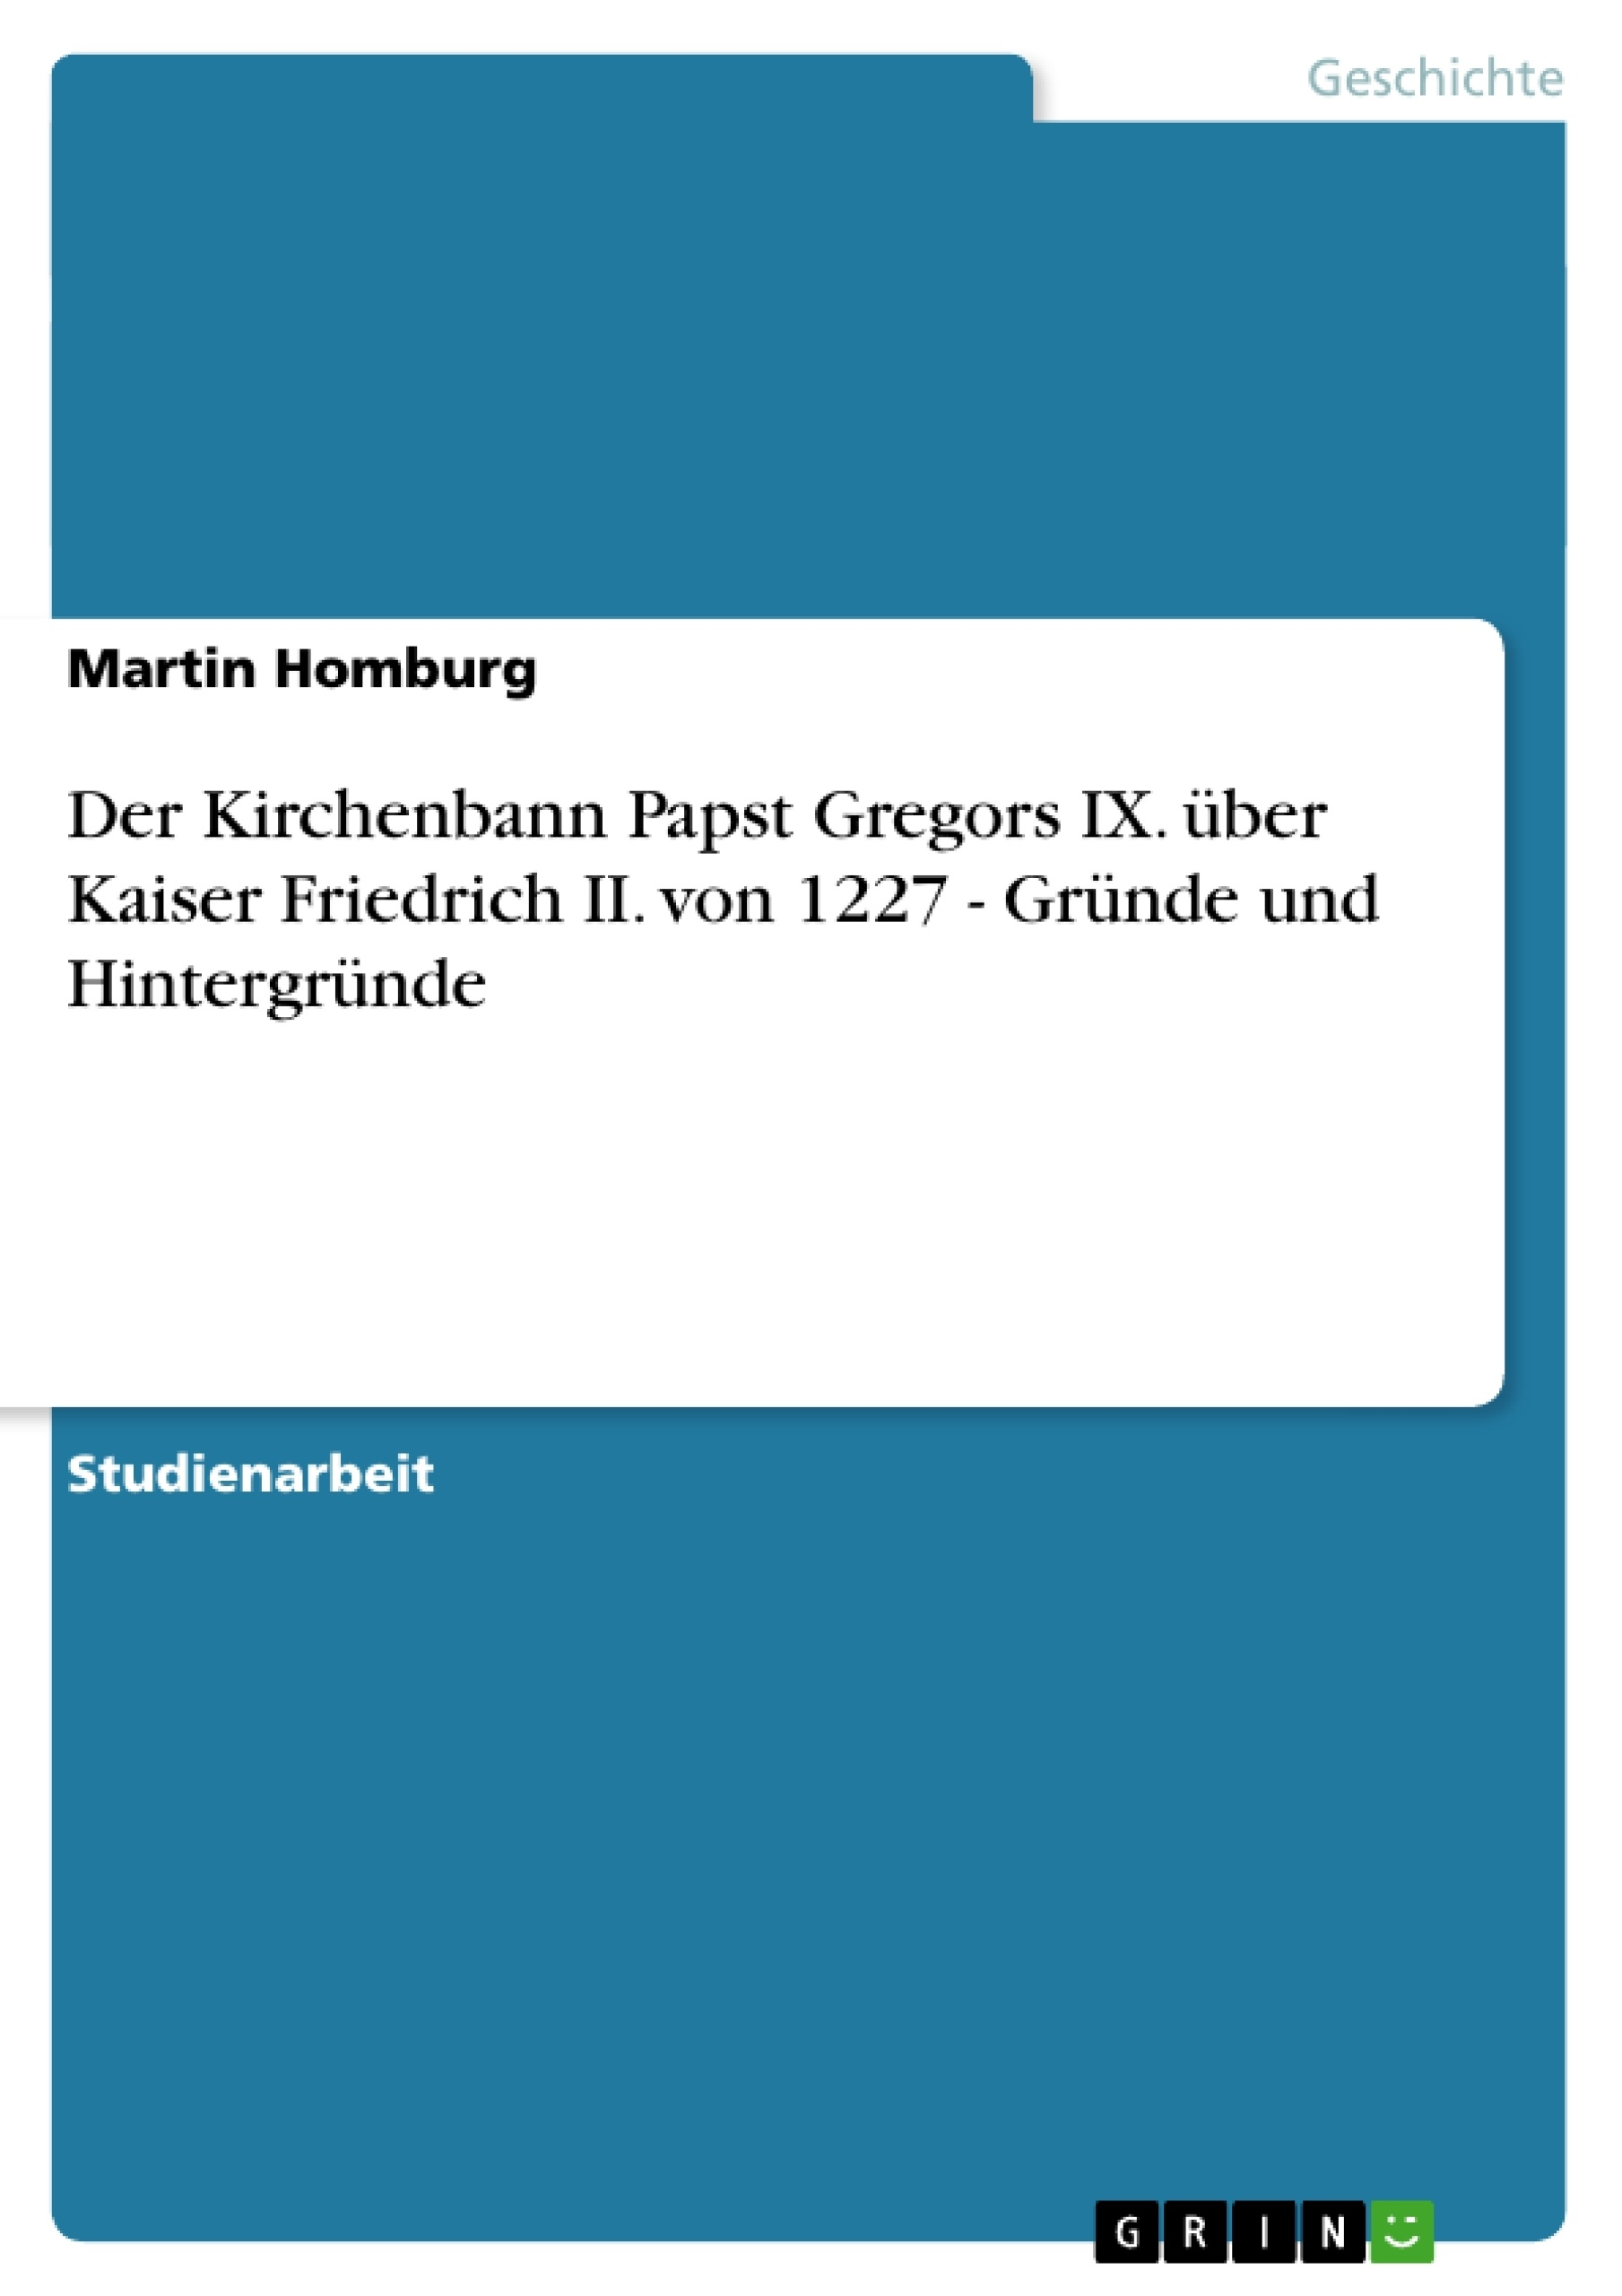 Titel: Der Kirchenbann Papst Gregors IX. über Kaiser Friedrich II. von 1227 - Gründe und Hintergründe